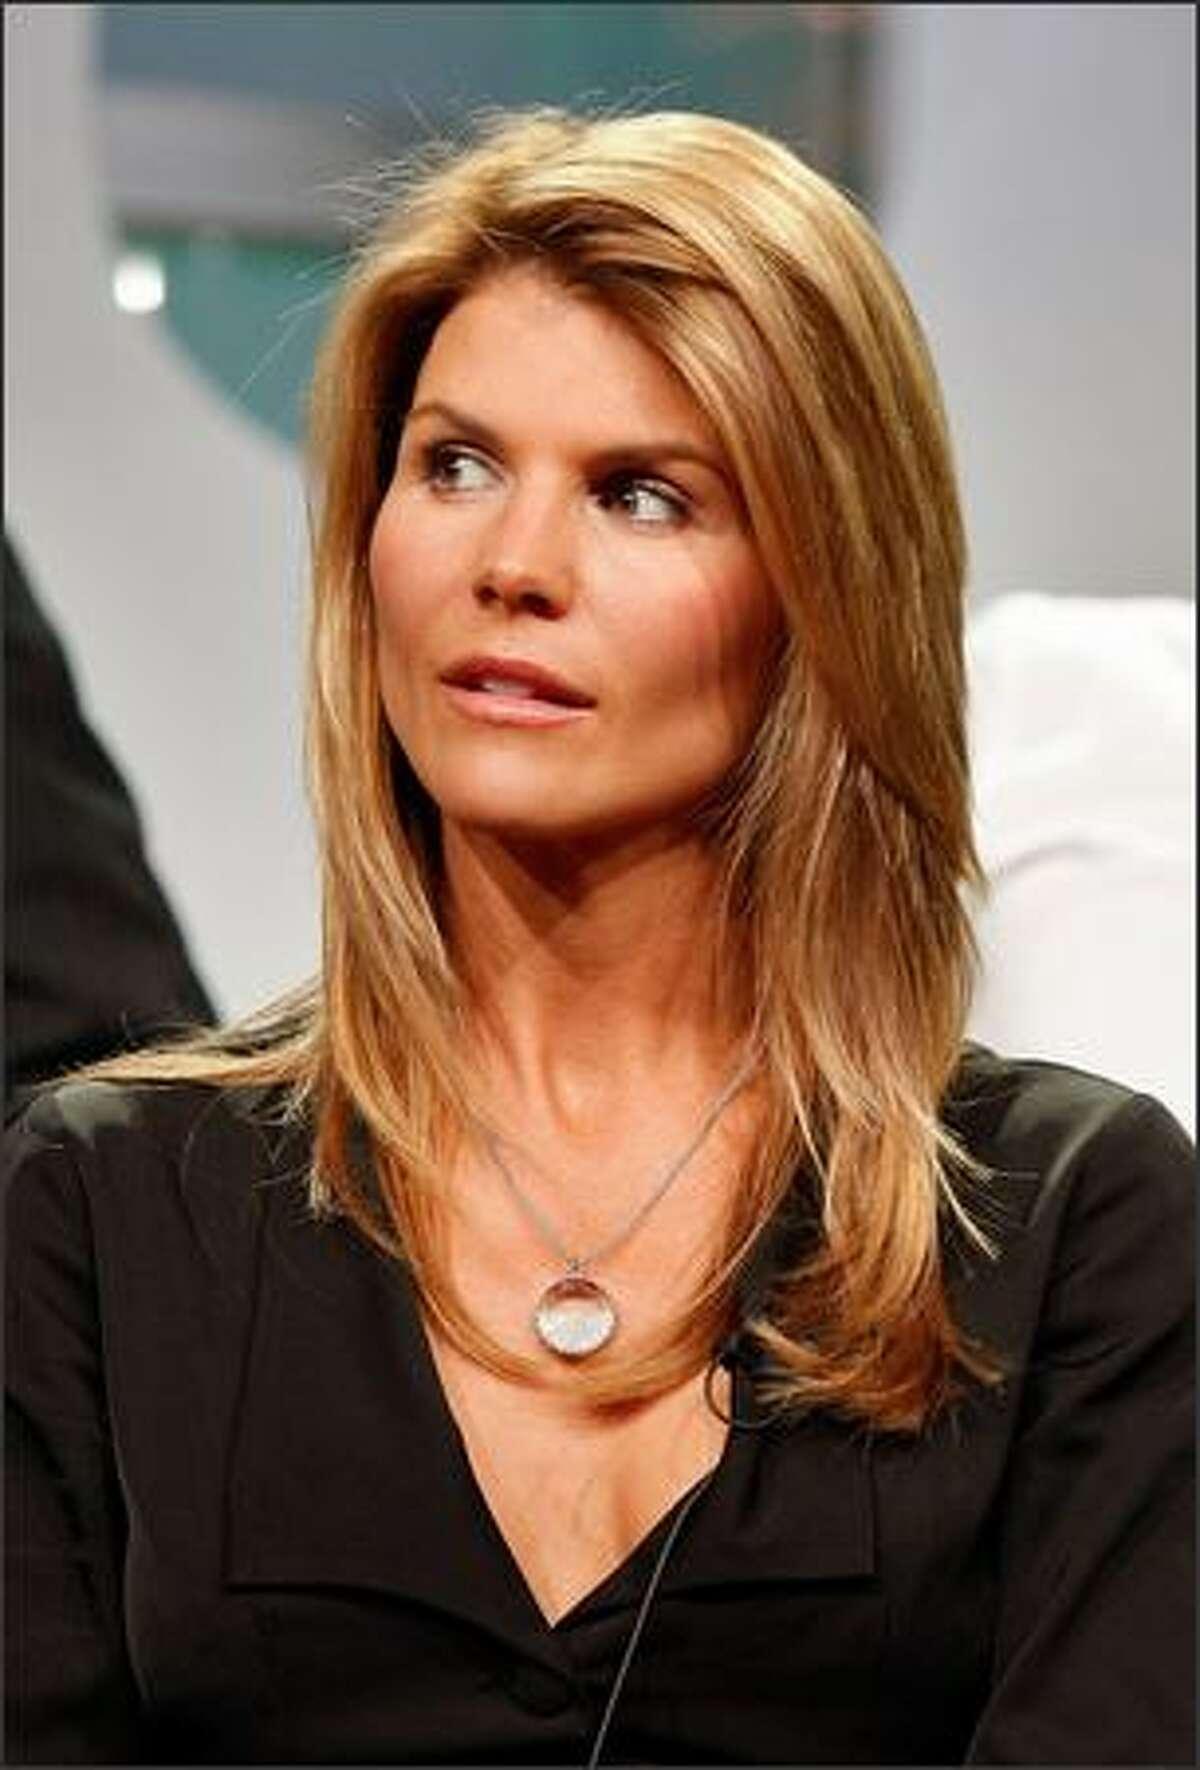 Actress Lori Loughlin of